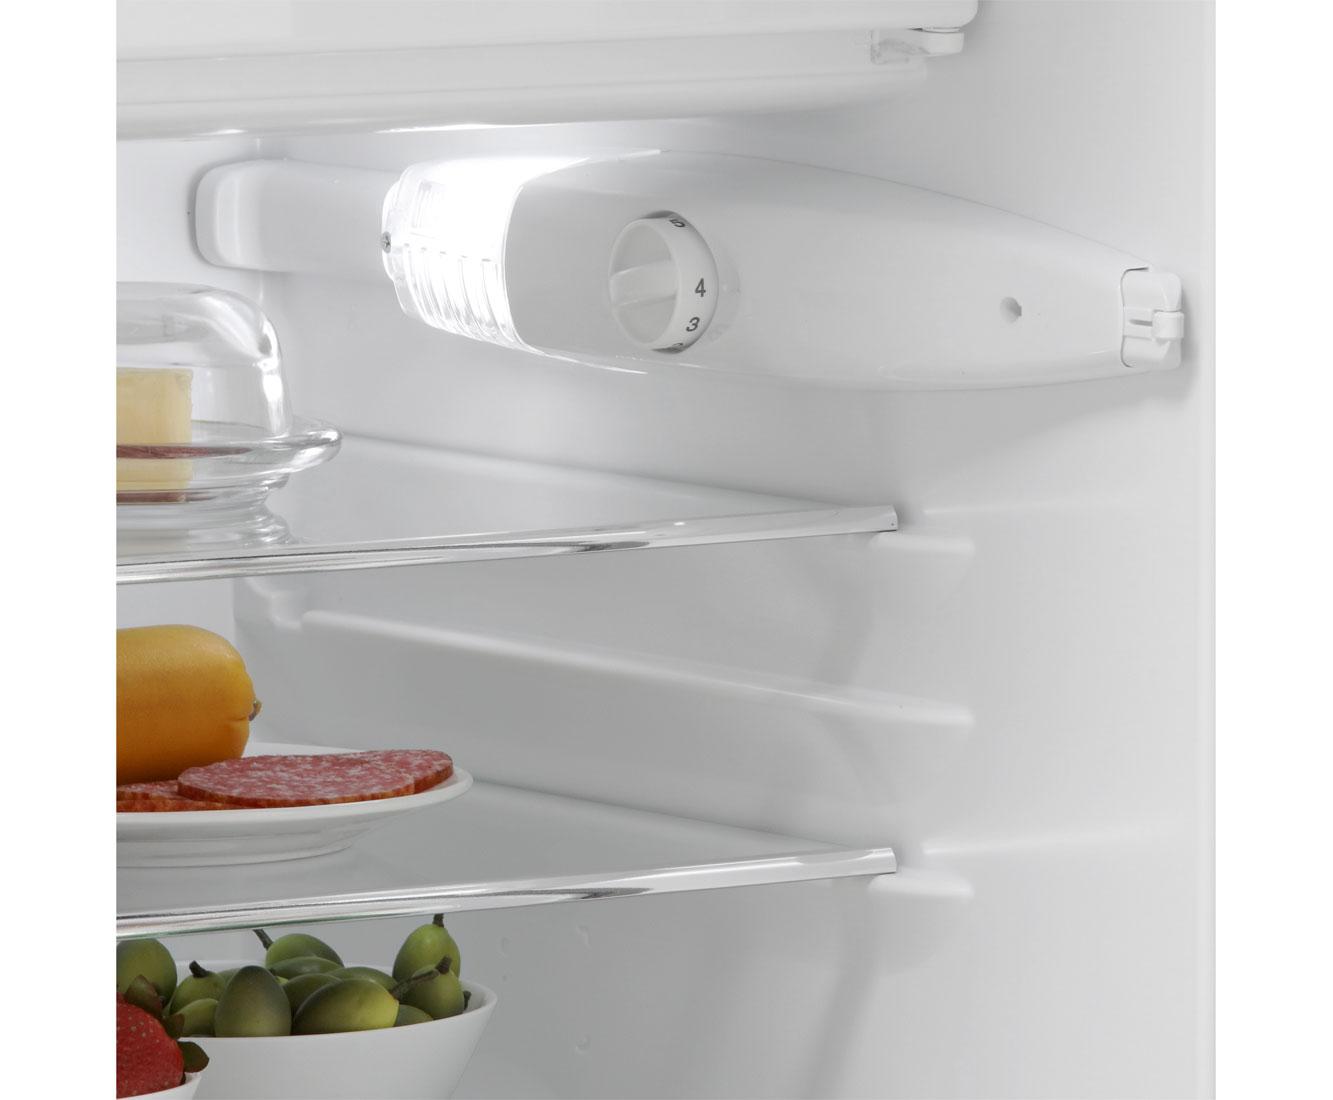 Aeg Kühlschrank Geräusche : Aeg santo rtb ax kühlschrank mit gefrierfach edelstahl a